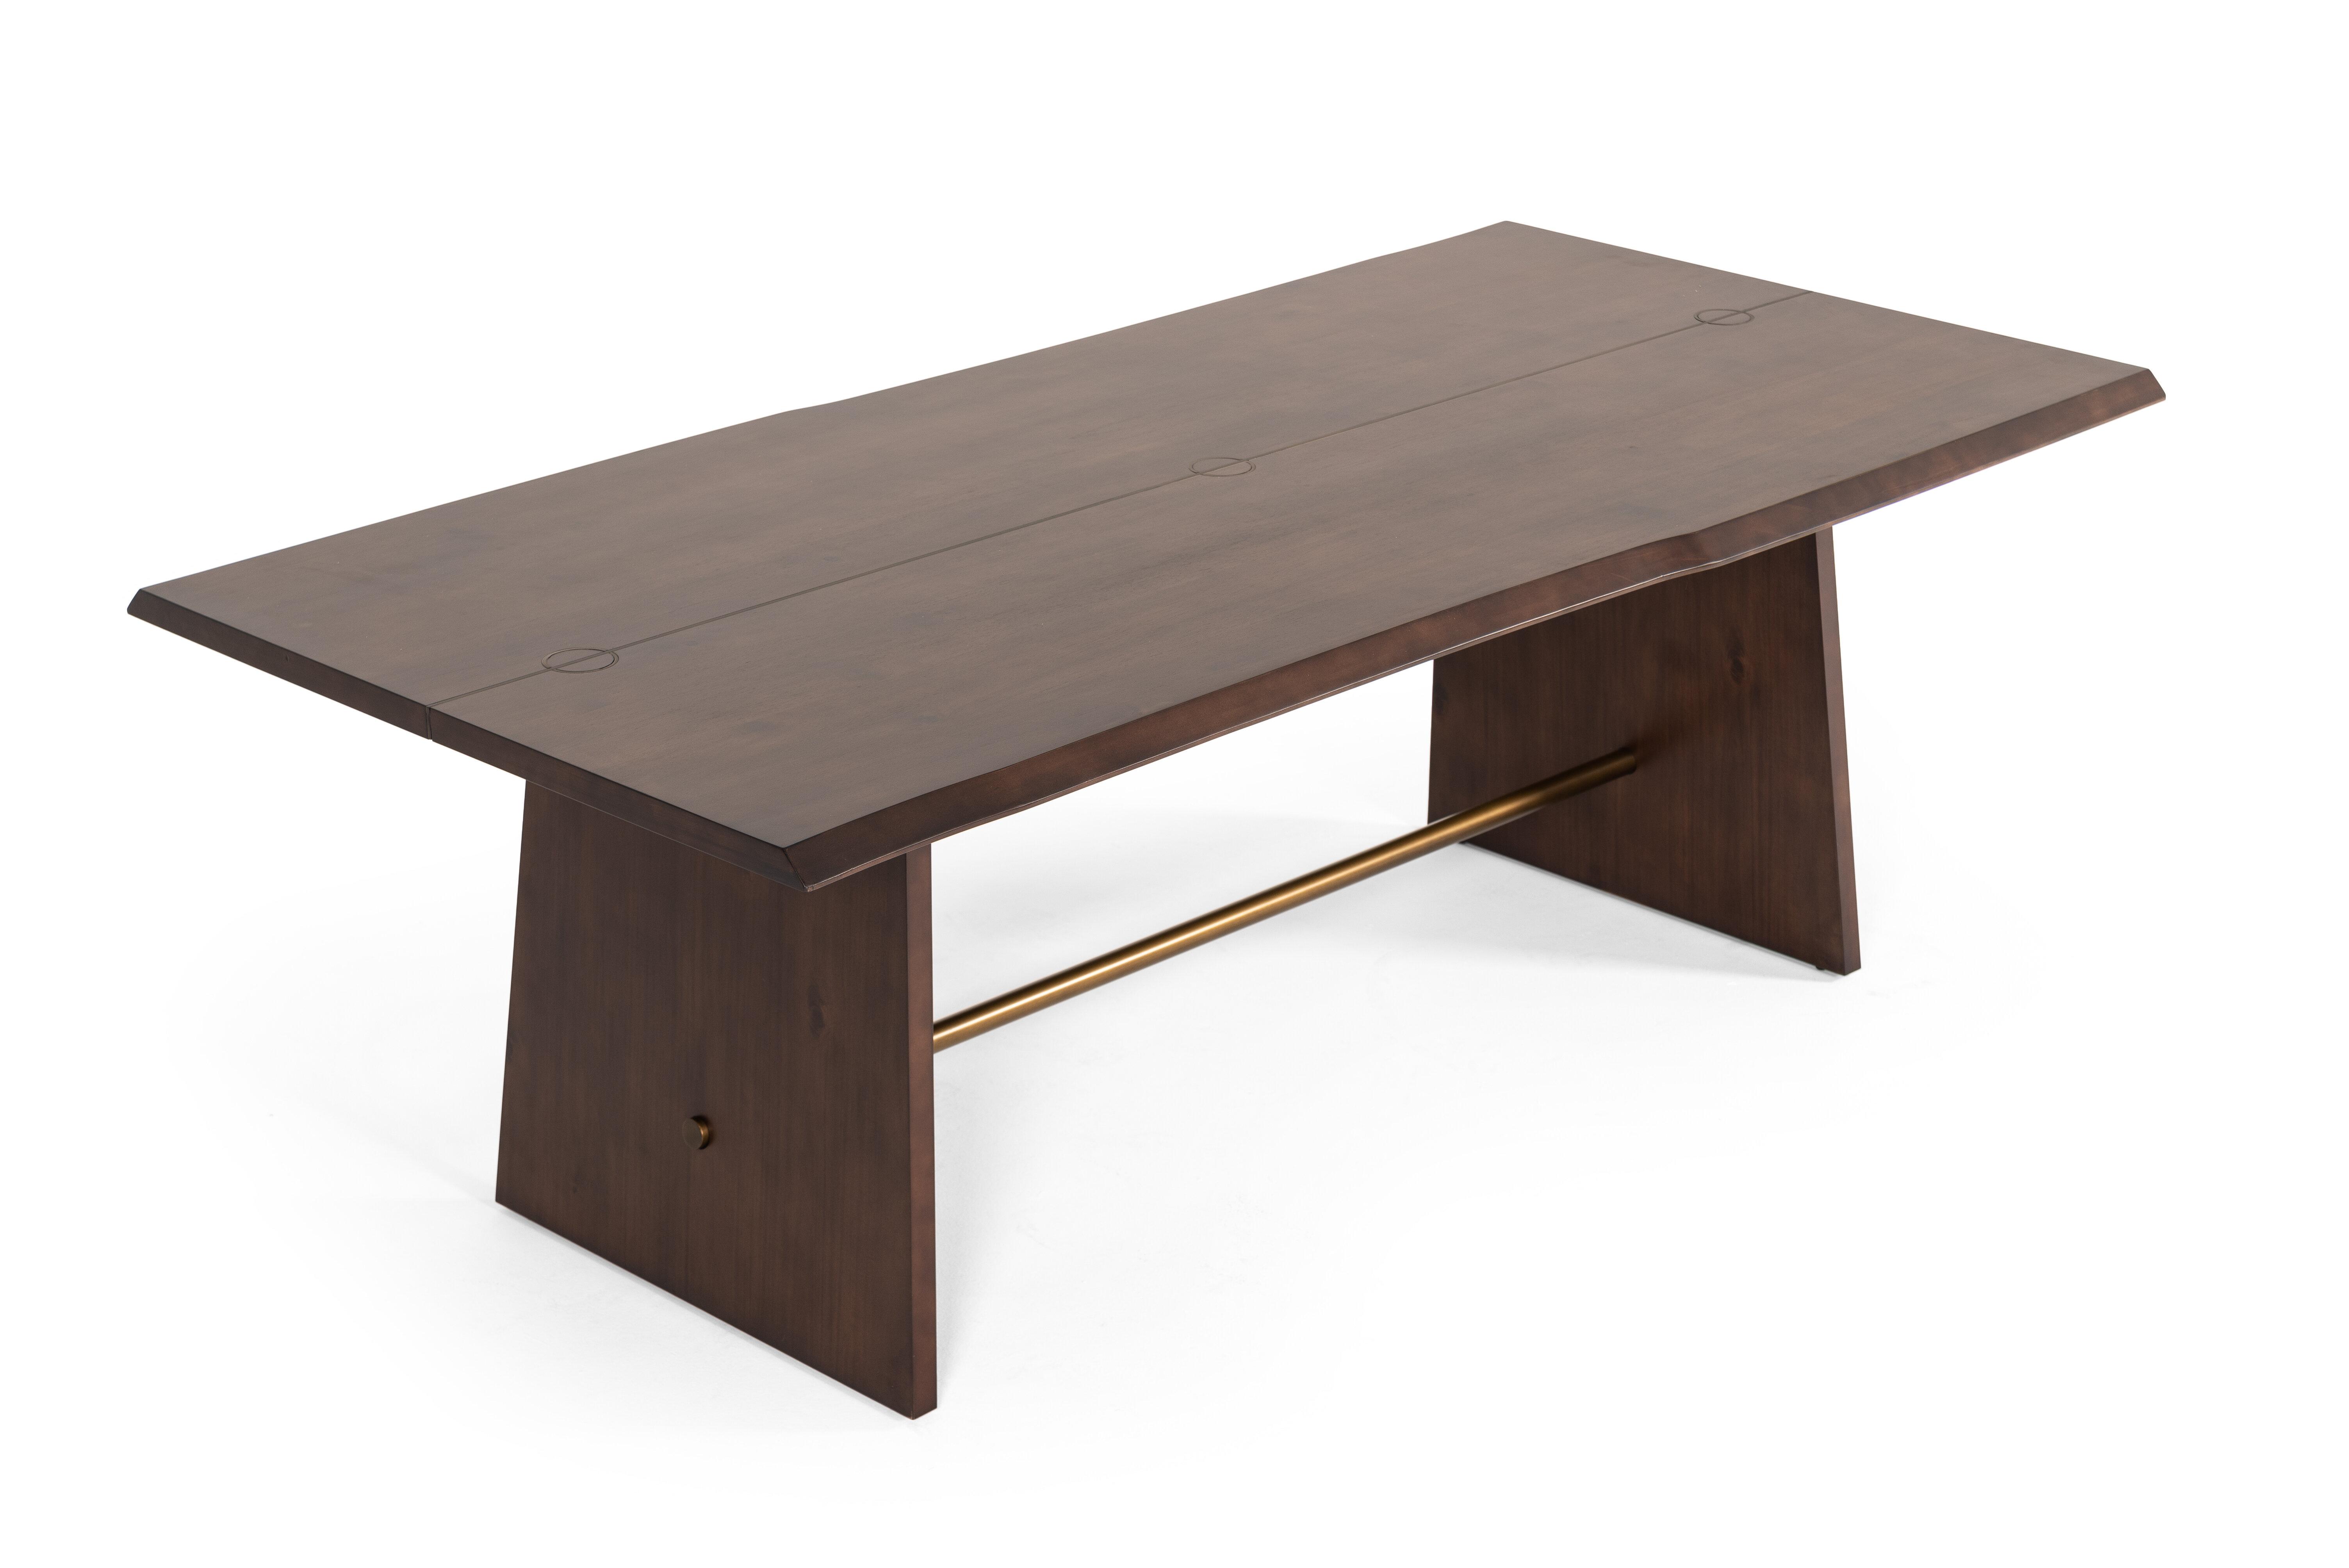 Genial Eatmon Acacia Dining Table